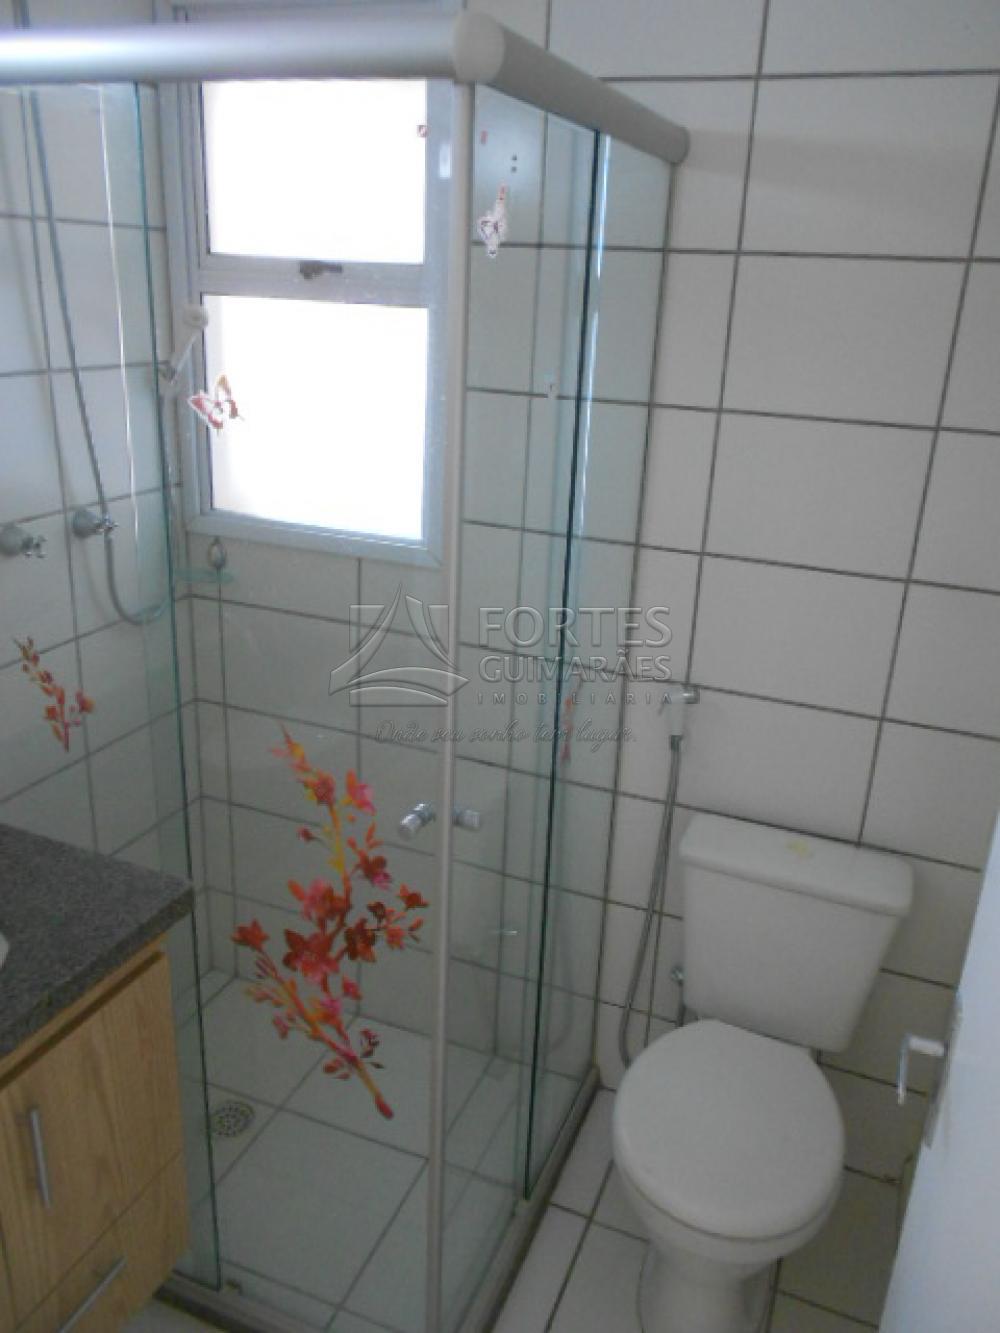 Alugar Apartamentos / Padrão em Ribeirão Preto apenas R$ 1.200,00 - Foto 24